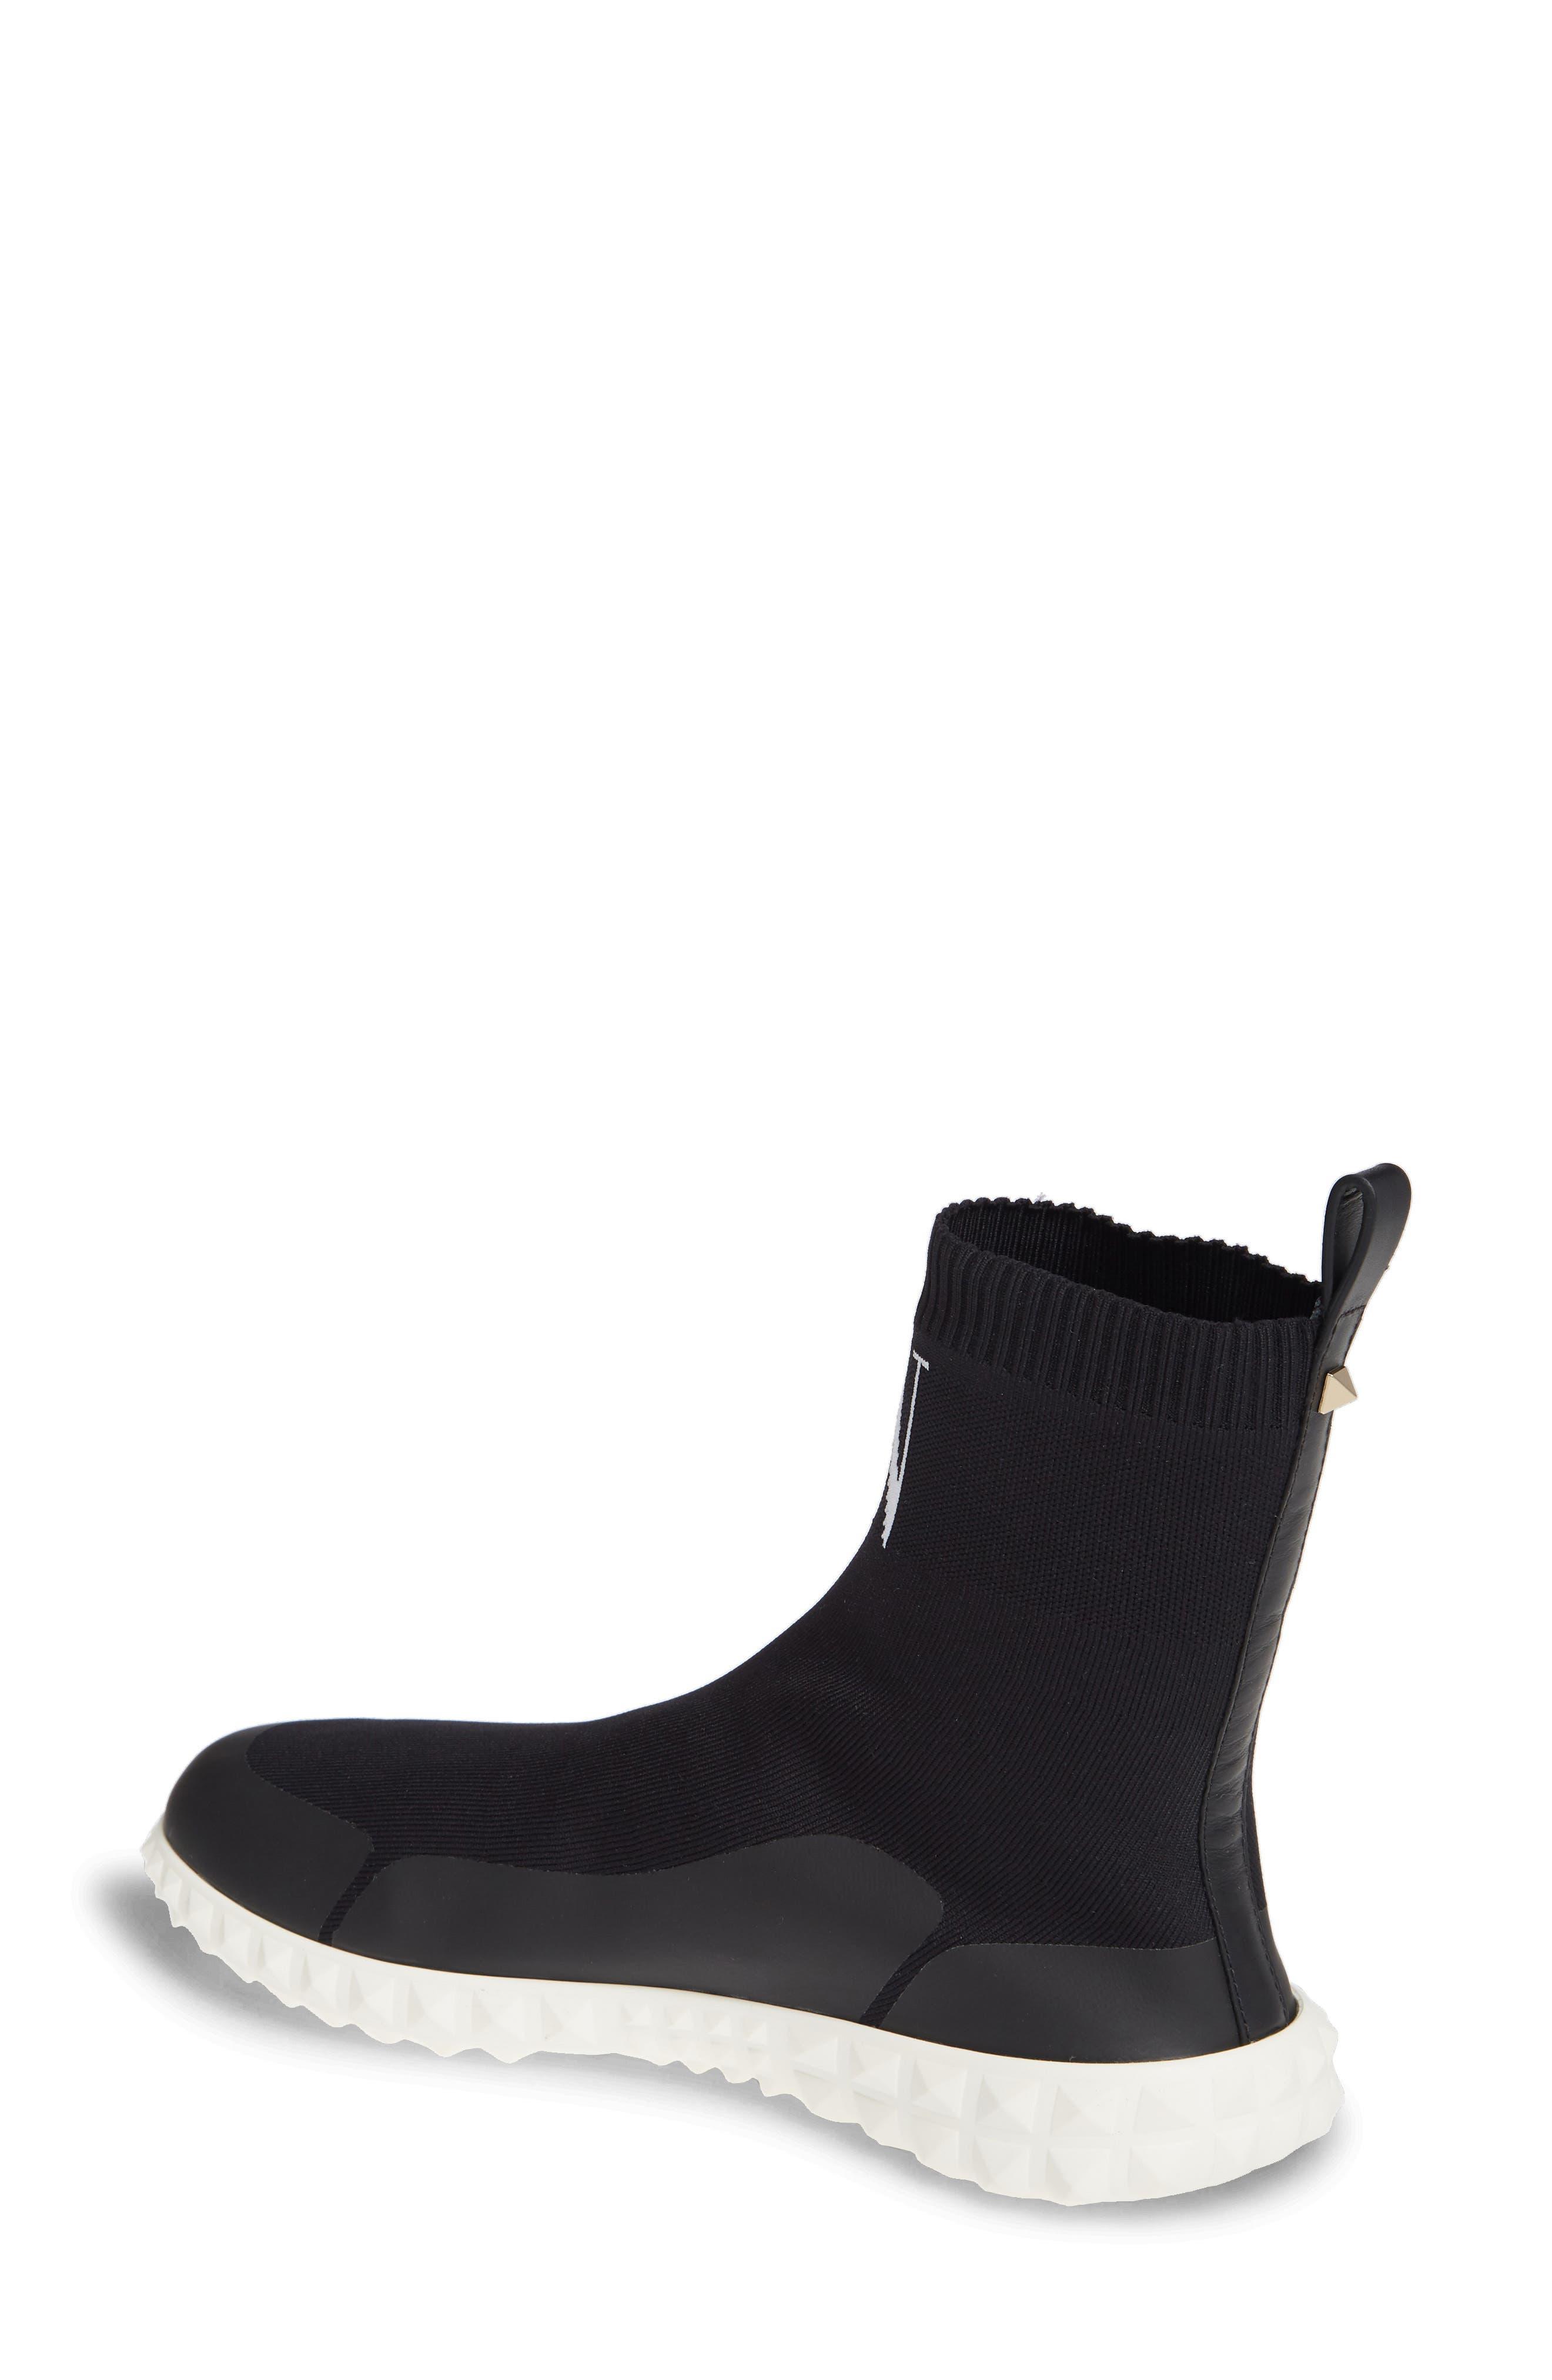 VLTN Slip-On Sock Sneaker,                             Alternate thumbnail 2, color,                             BLACK